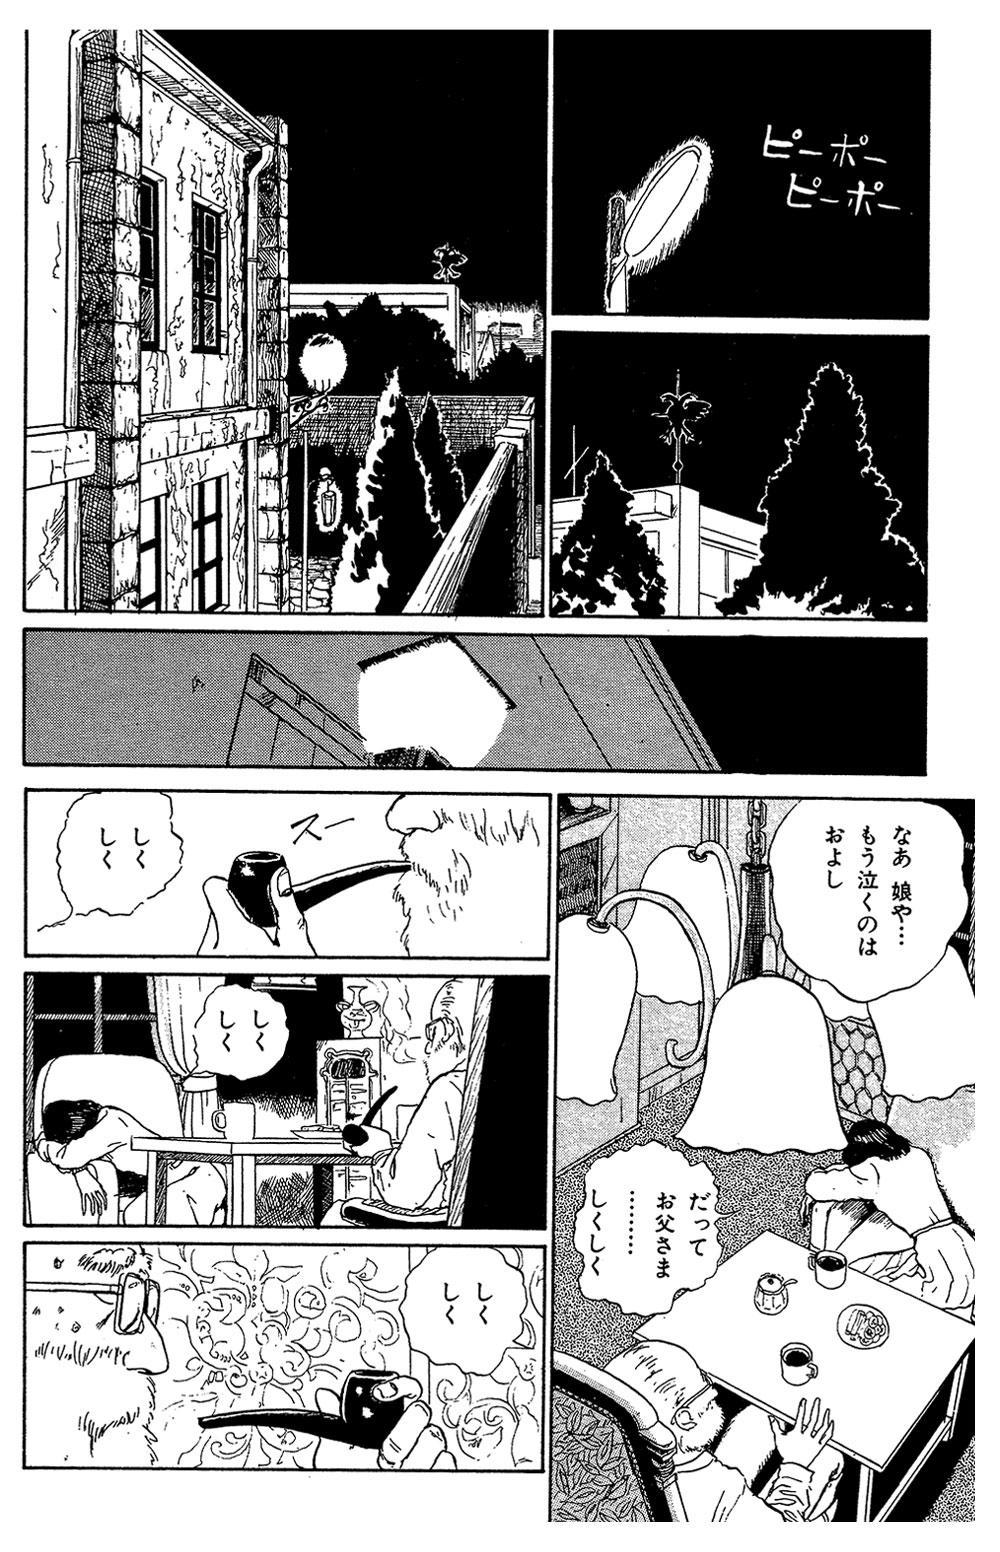 伊藤潤二傑作集 第5話「富江 接吻」⑤junji19-01.jpg